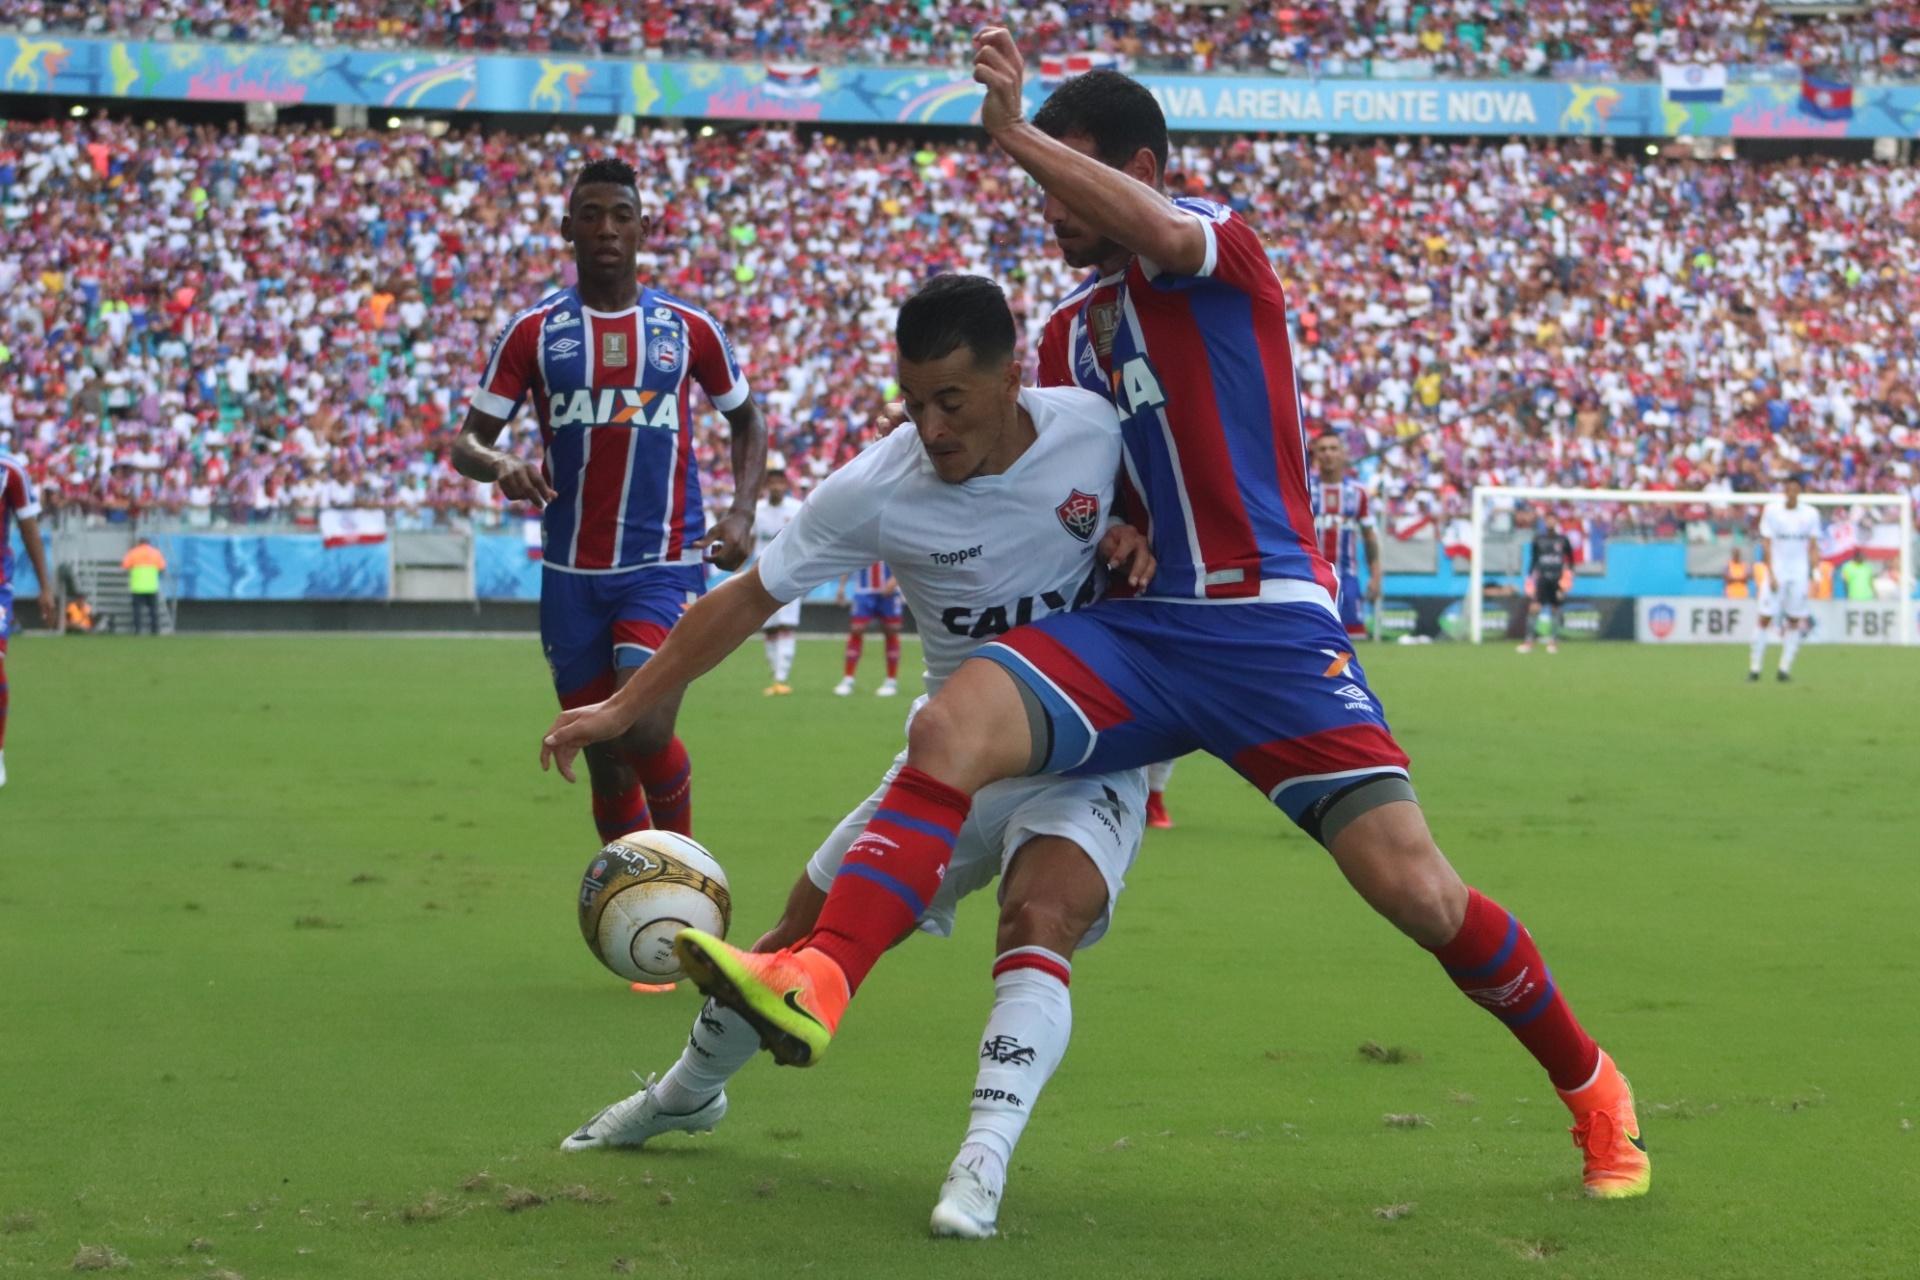 Pivô de polêmica na 1ª fase marca e põe Bahia em vantagem contra Vitória -  01 04 2018 - UOL Esporte ad586629d5f43